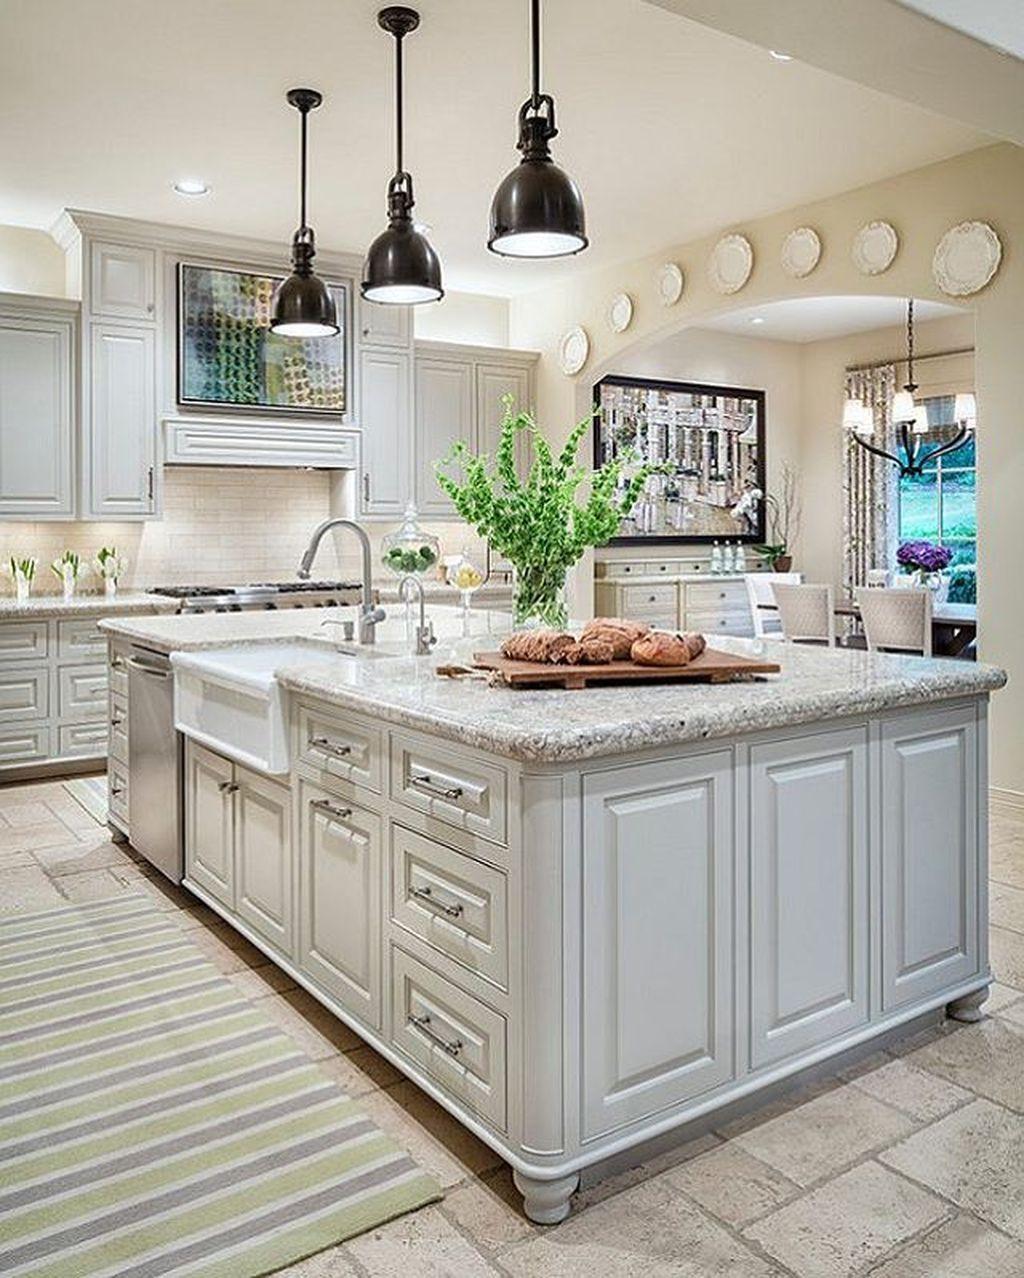 Best Kitchen Gallery: 88 Amazing Farmhouse Kitchen Paint Colors Ideas Kitchen Paint of Farmhouse Kitchen Paint Colors on rachelxblog.com